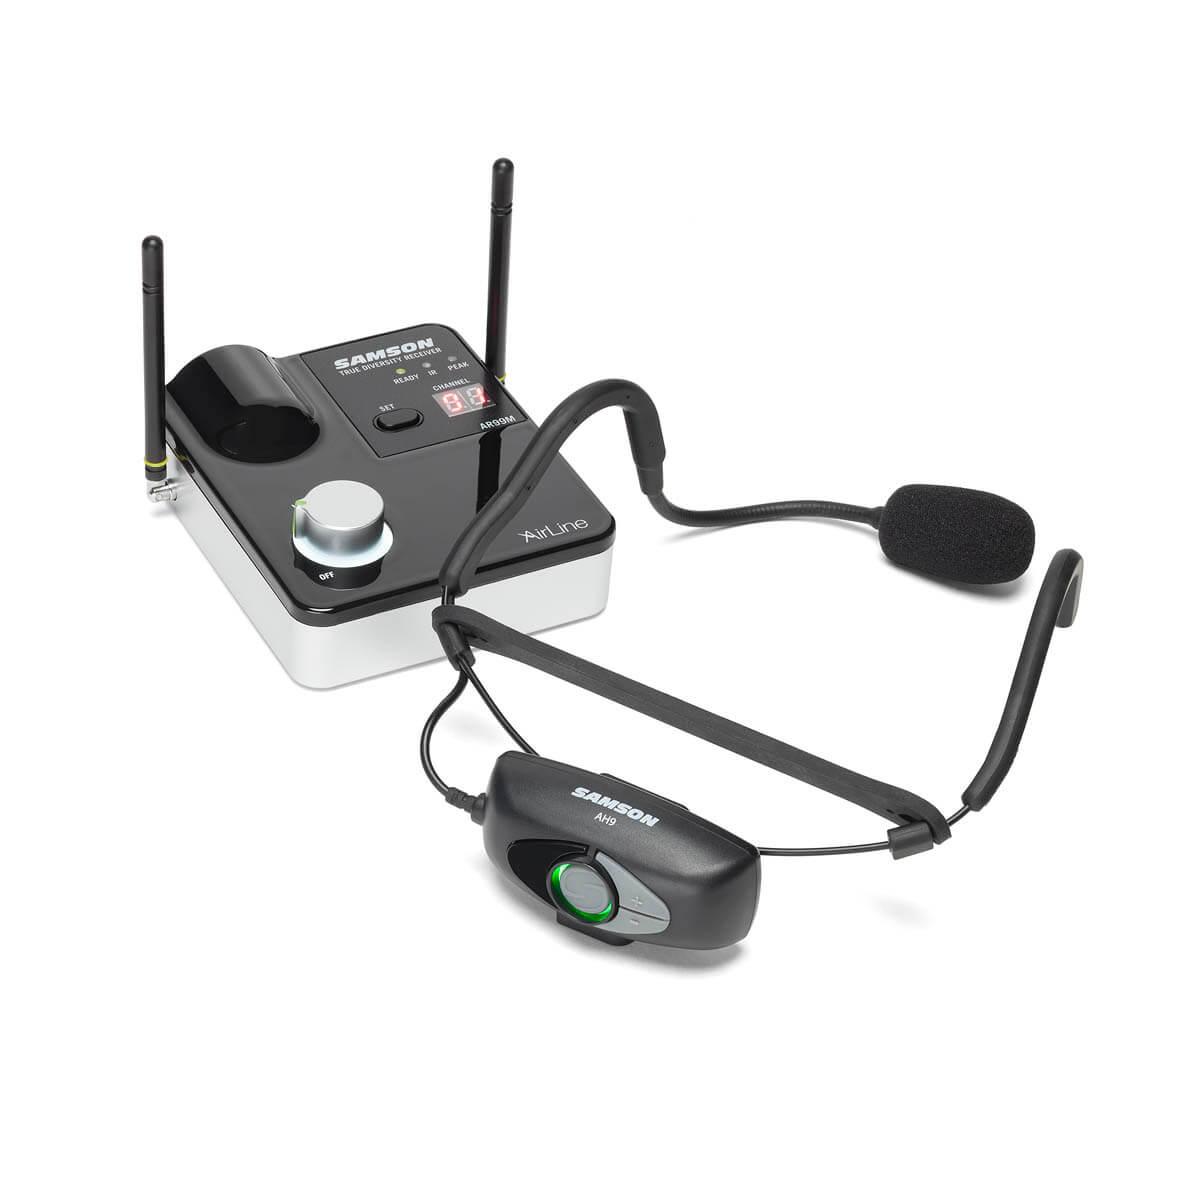 Billede af Samson AirLine 99m AH9 Fitness Headset trådløst system